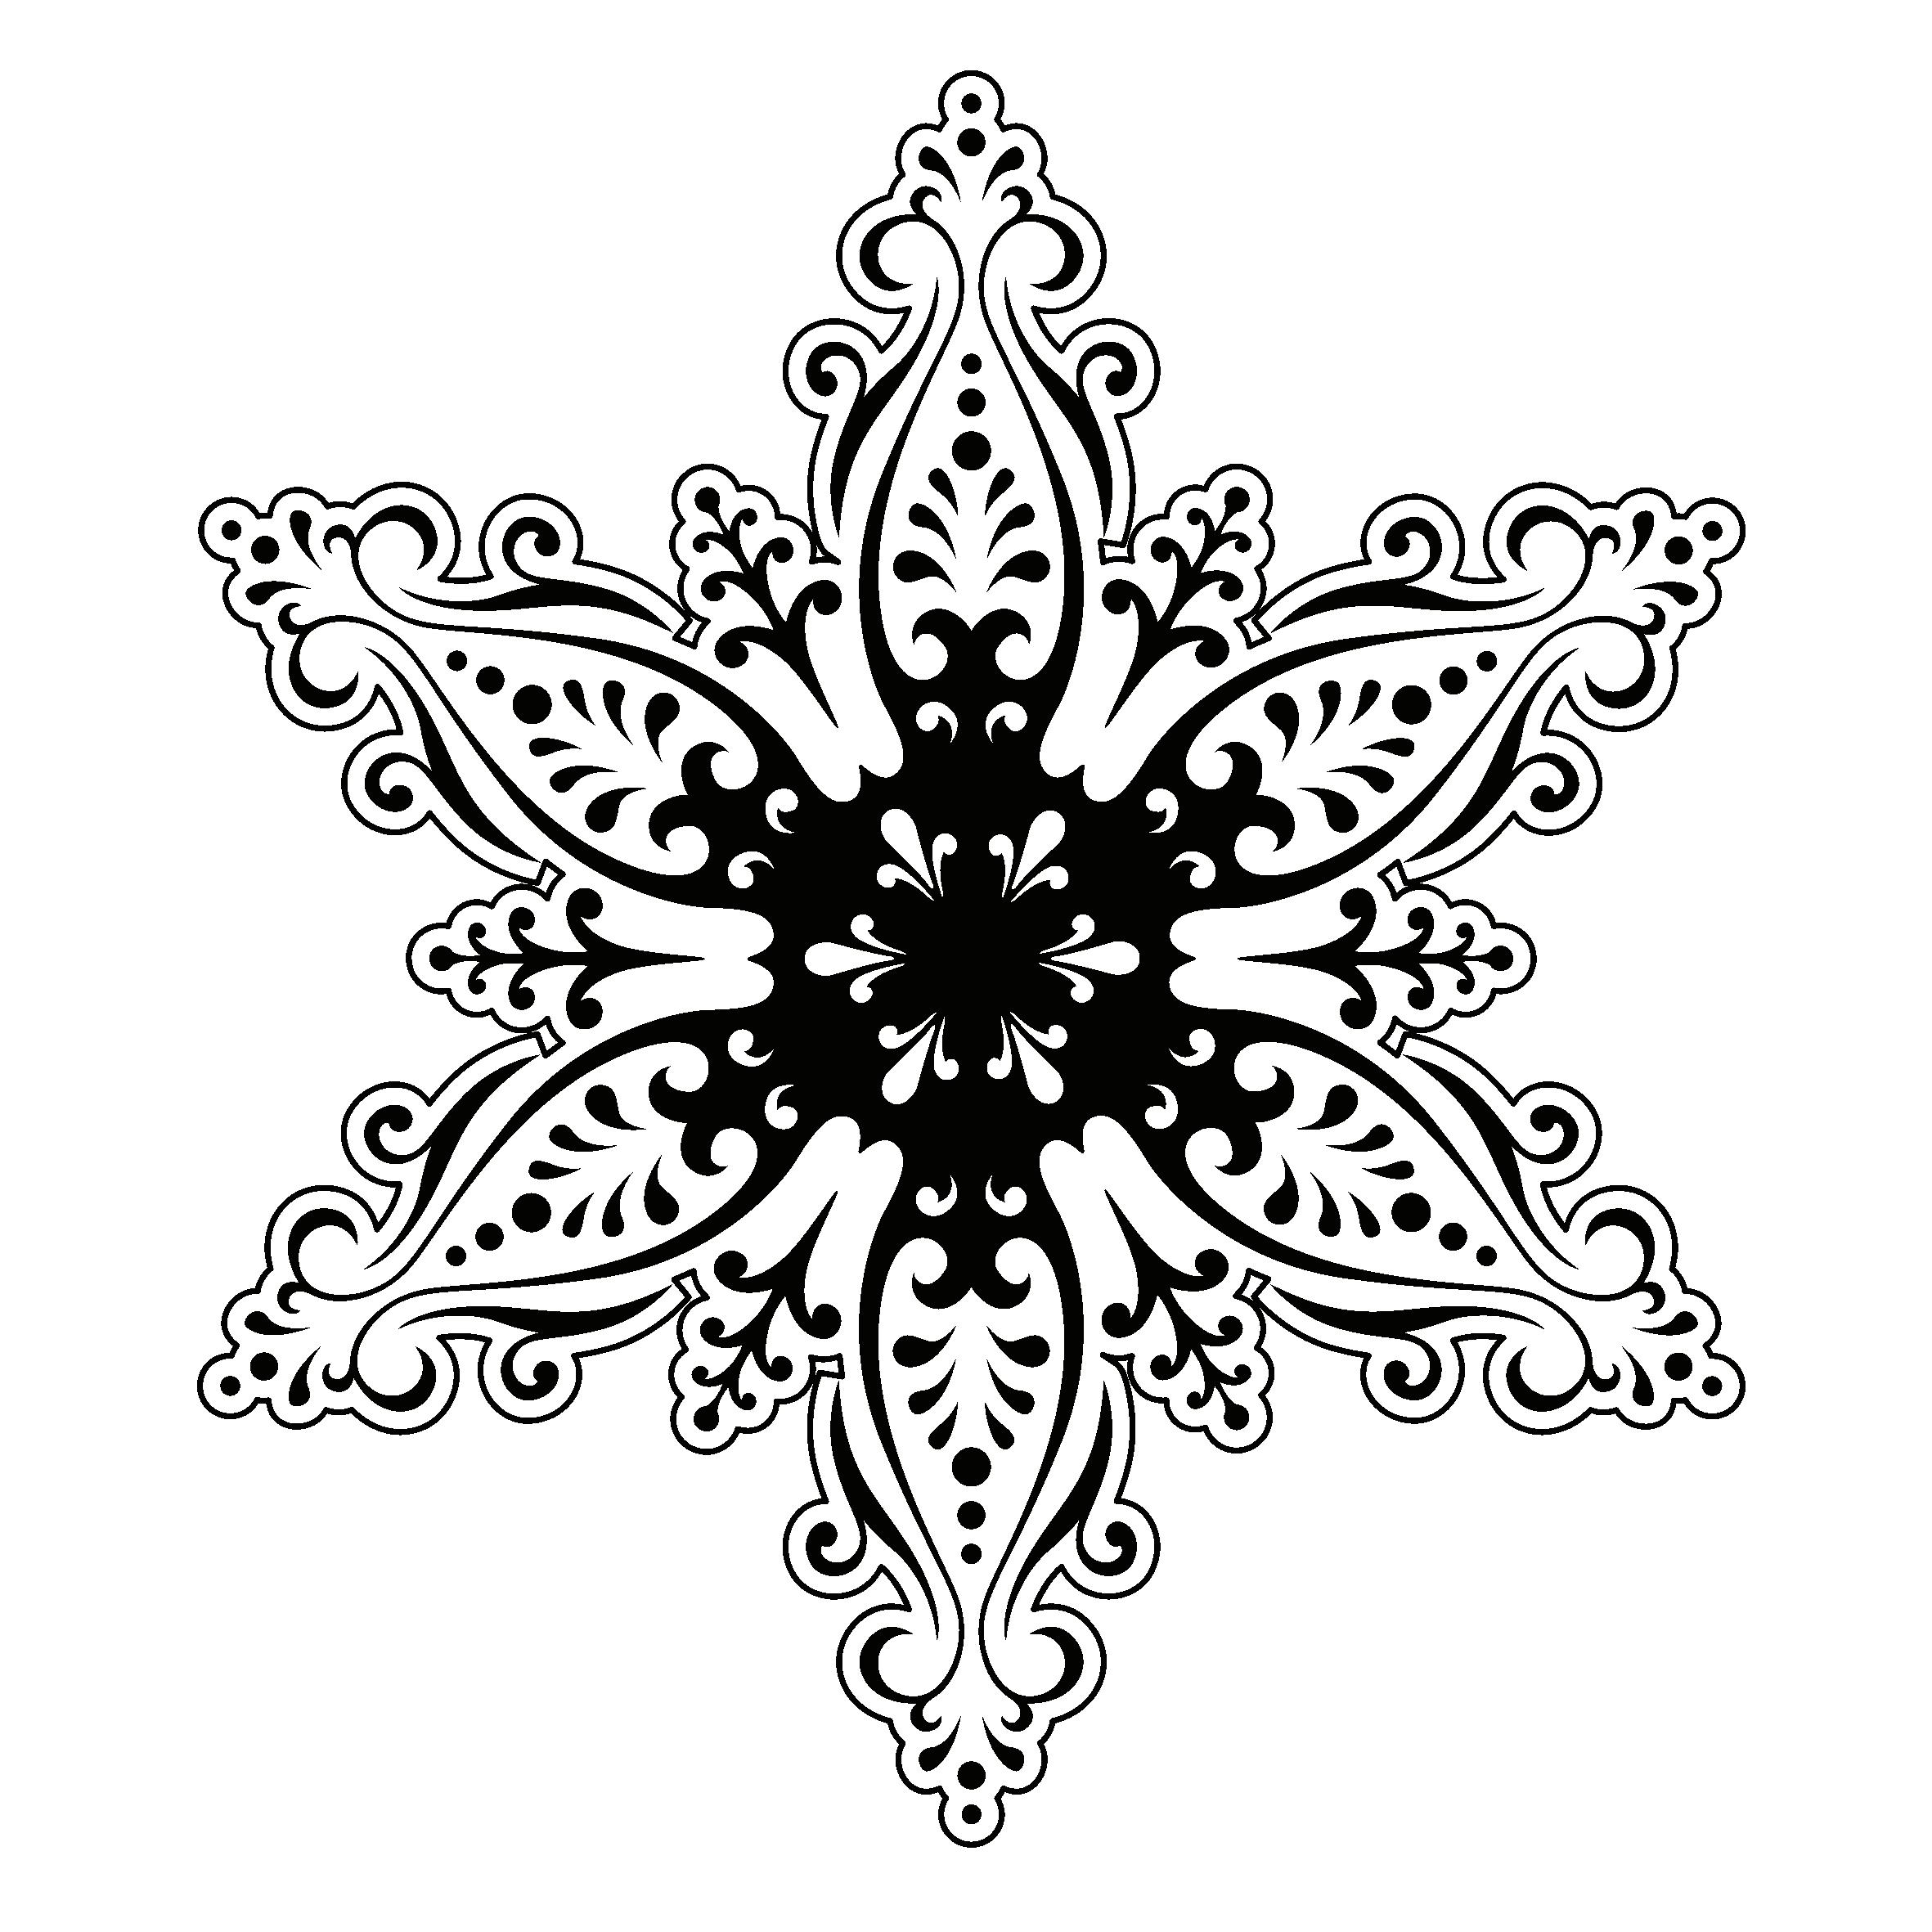 Coloriage Flocon de Neige #82 (Nature) - Coloriages à imprimer